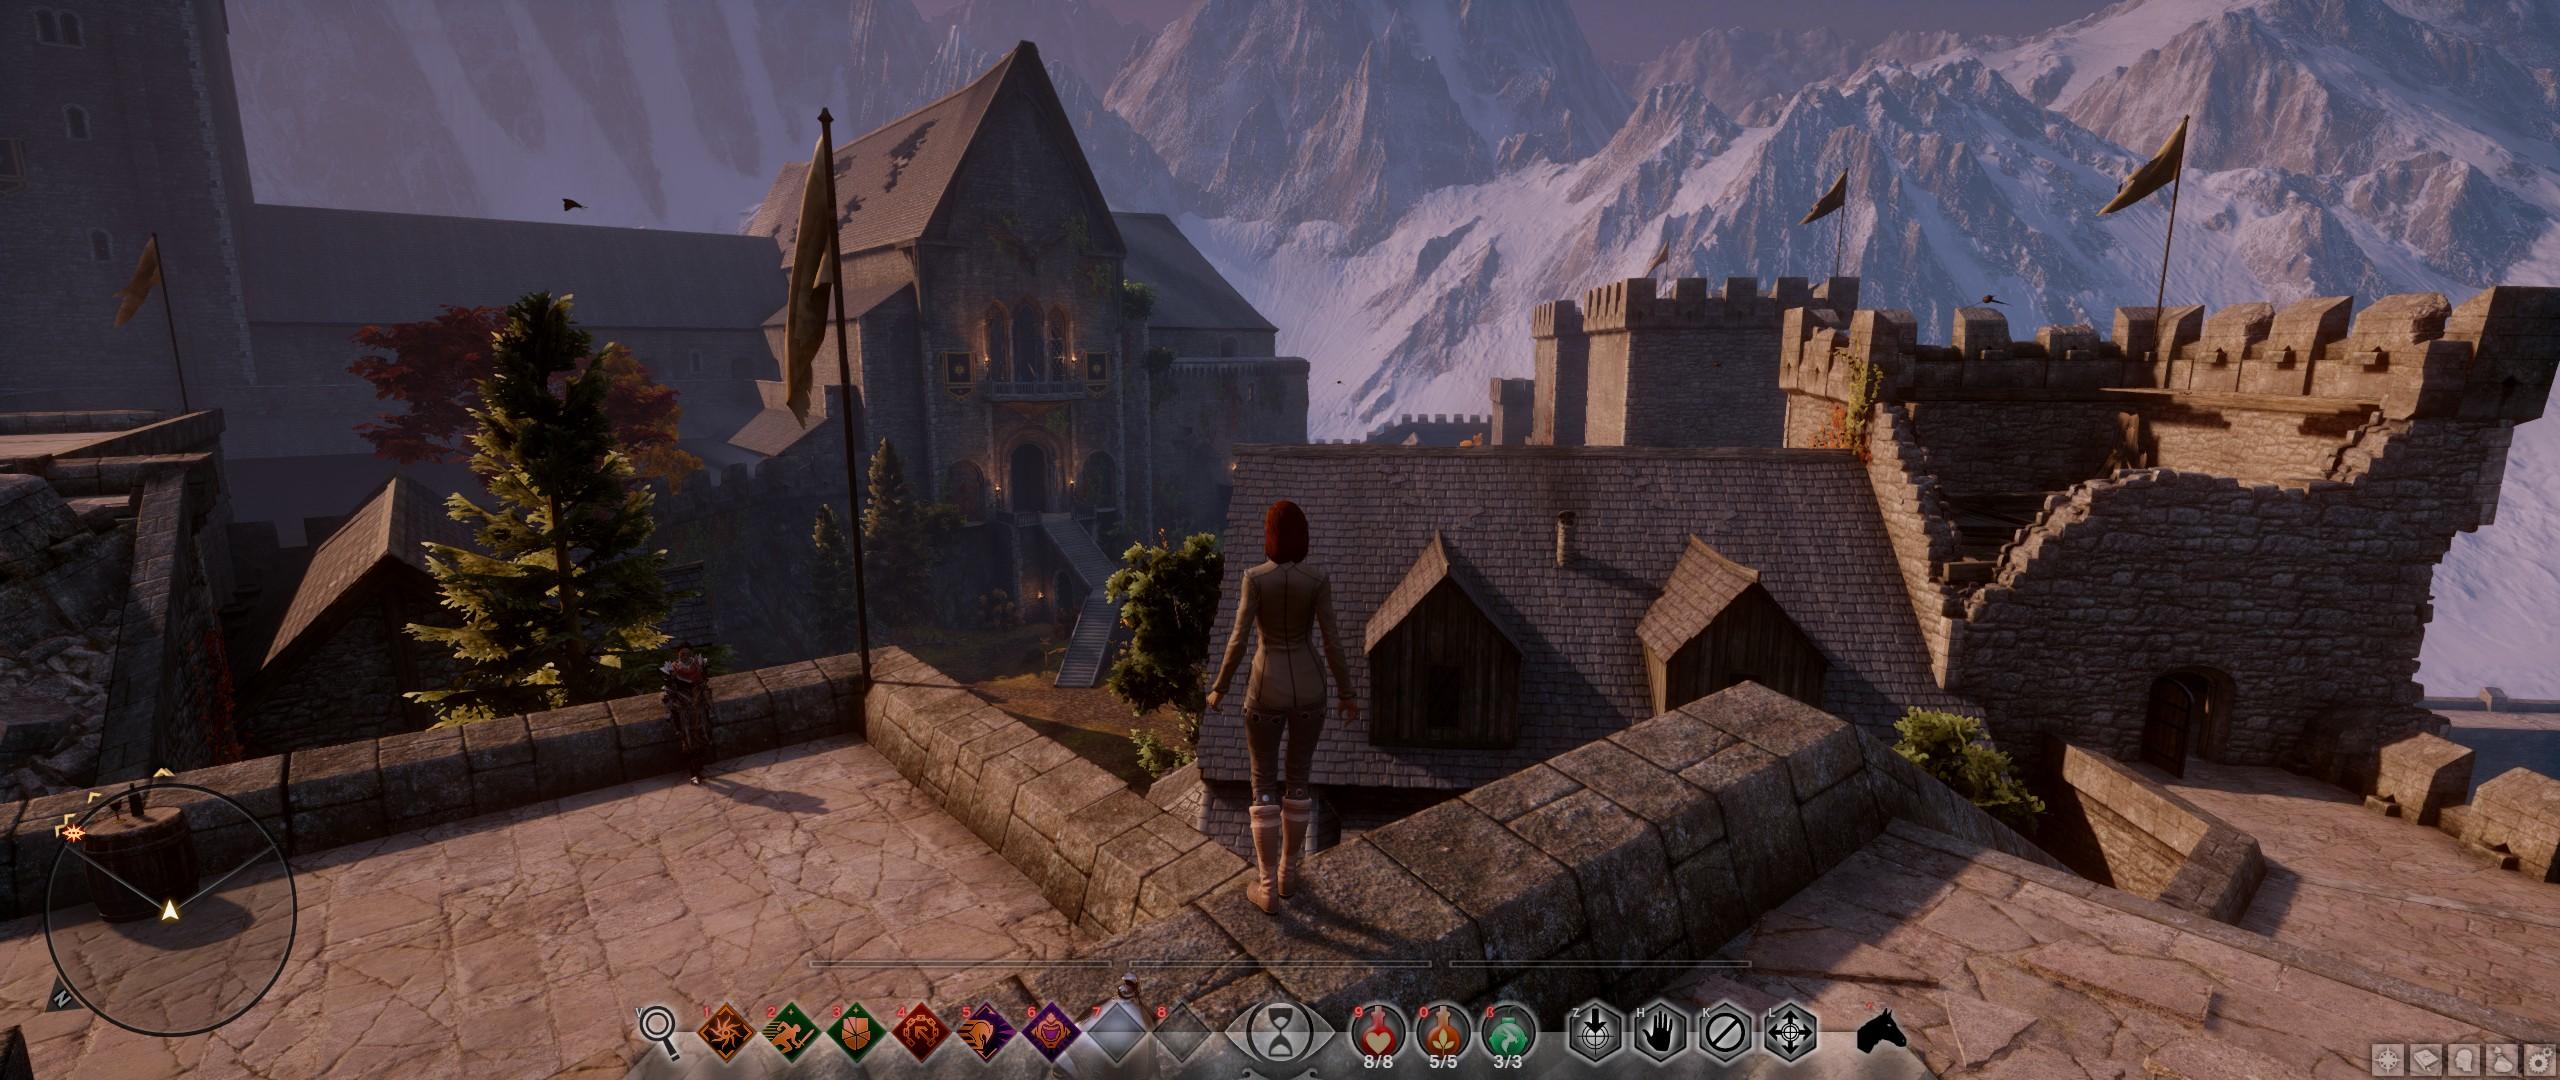 ScreenshotWin32_0073_Final